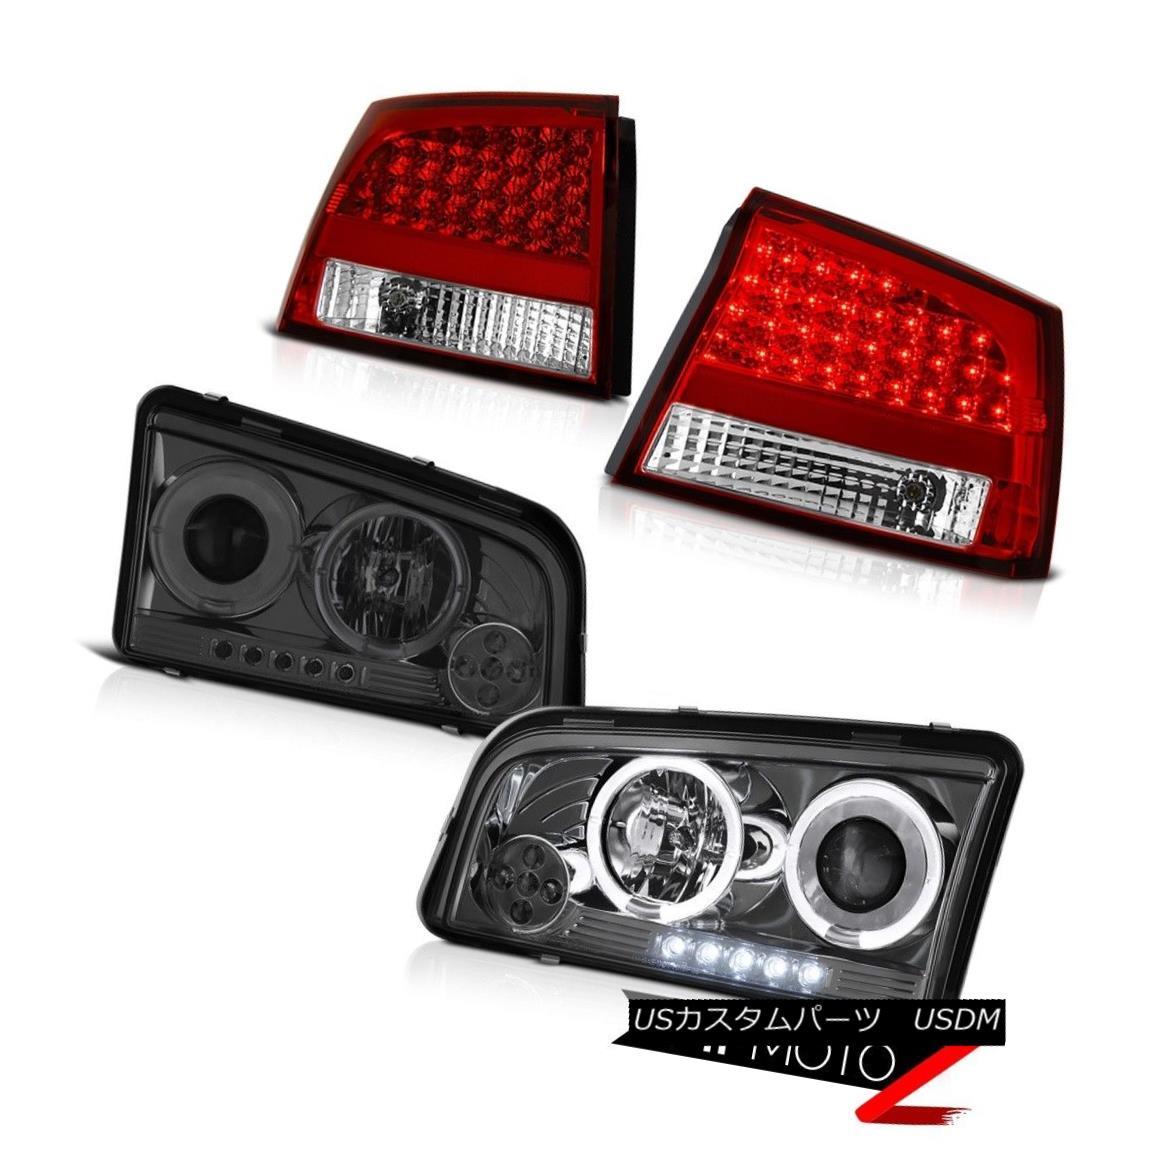 テールライト 09 10 Charger Daytona RT Headlight Halo DRL LED Taillamps Chrome Red Rosso Red 09 10充電器デイトナRTヘッドライトHalo DRL LEDタイルランプクロームレッドロッソレッド